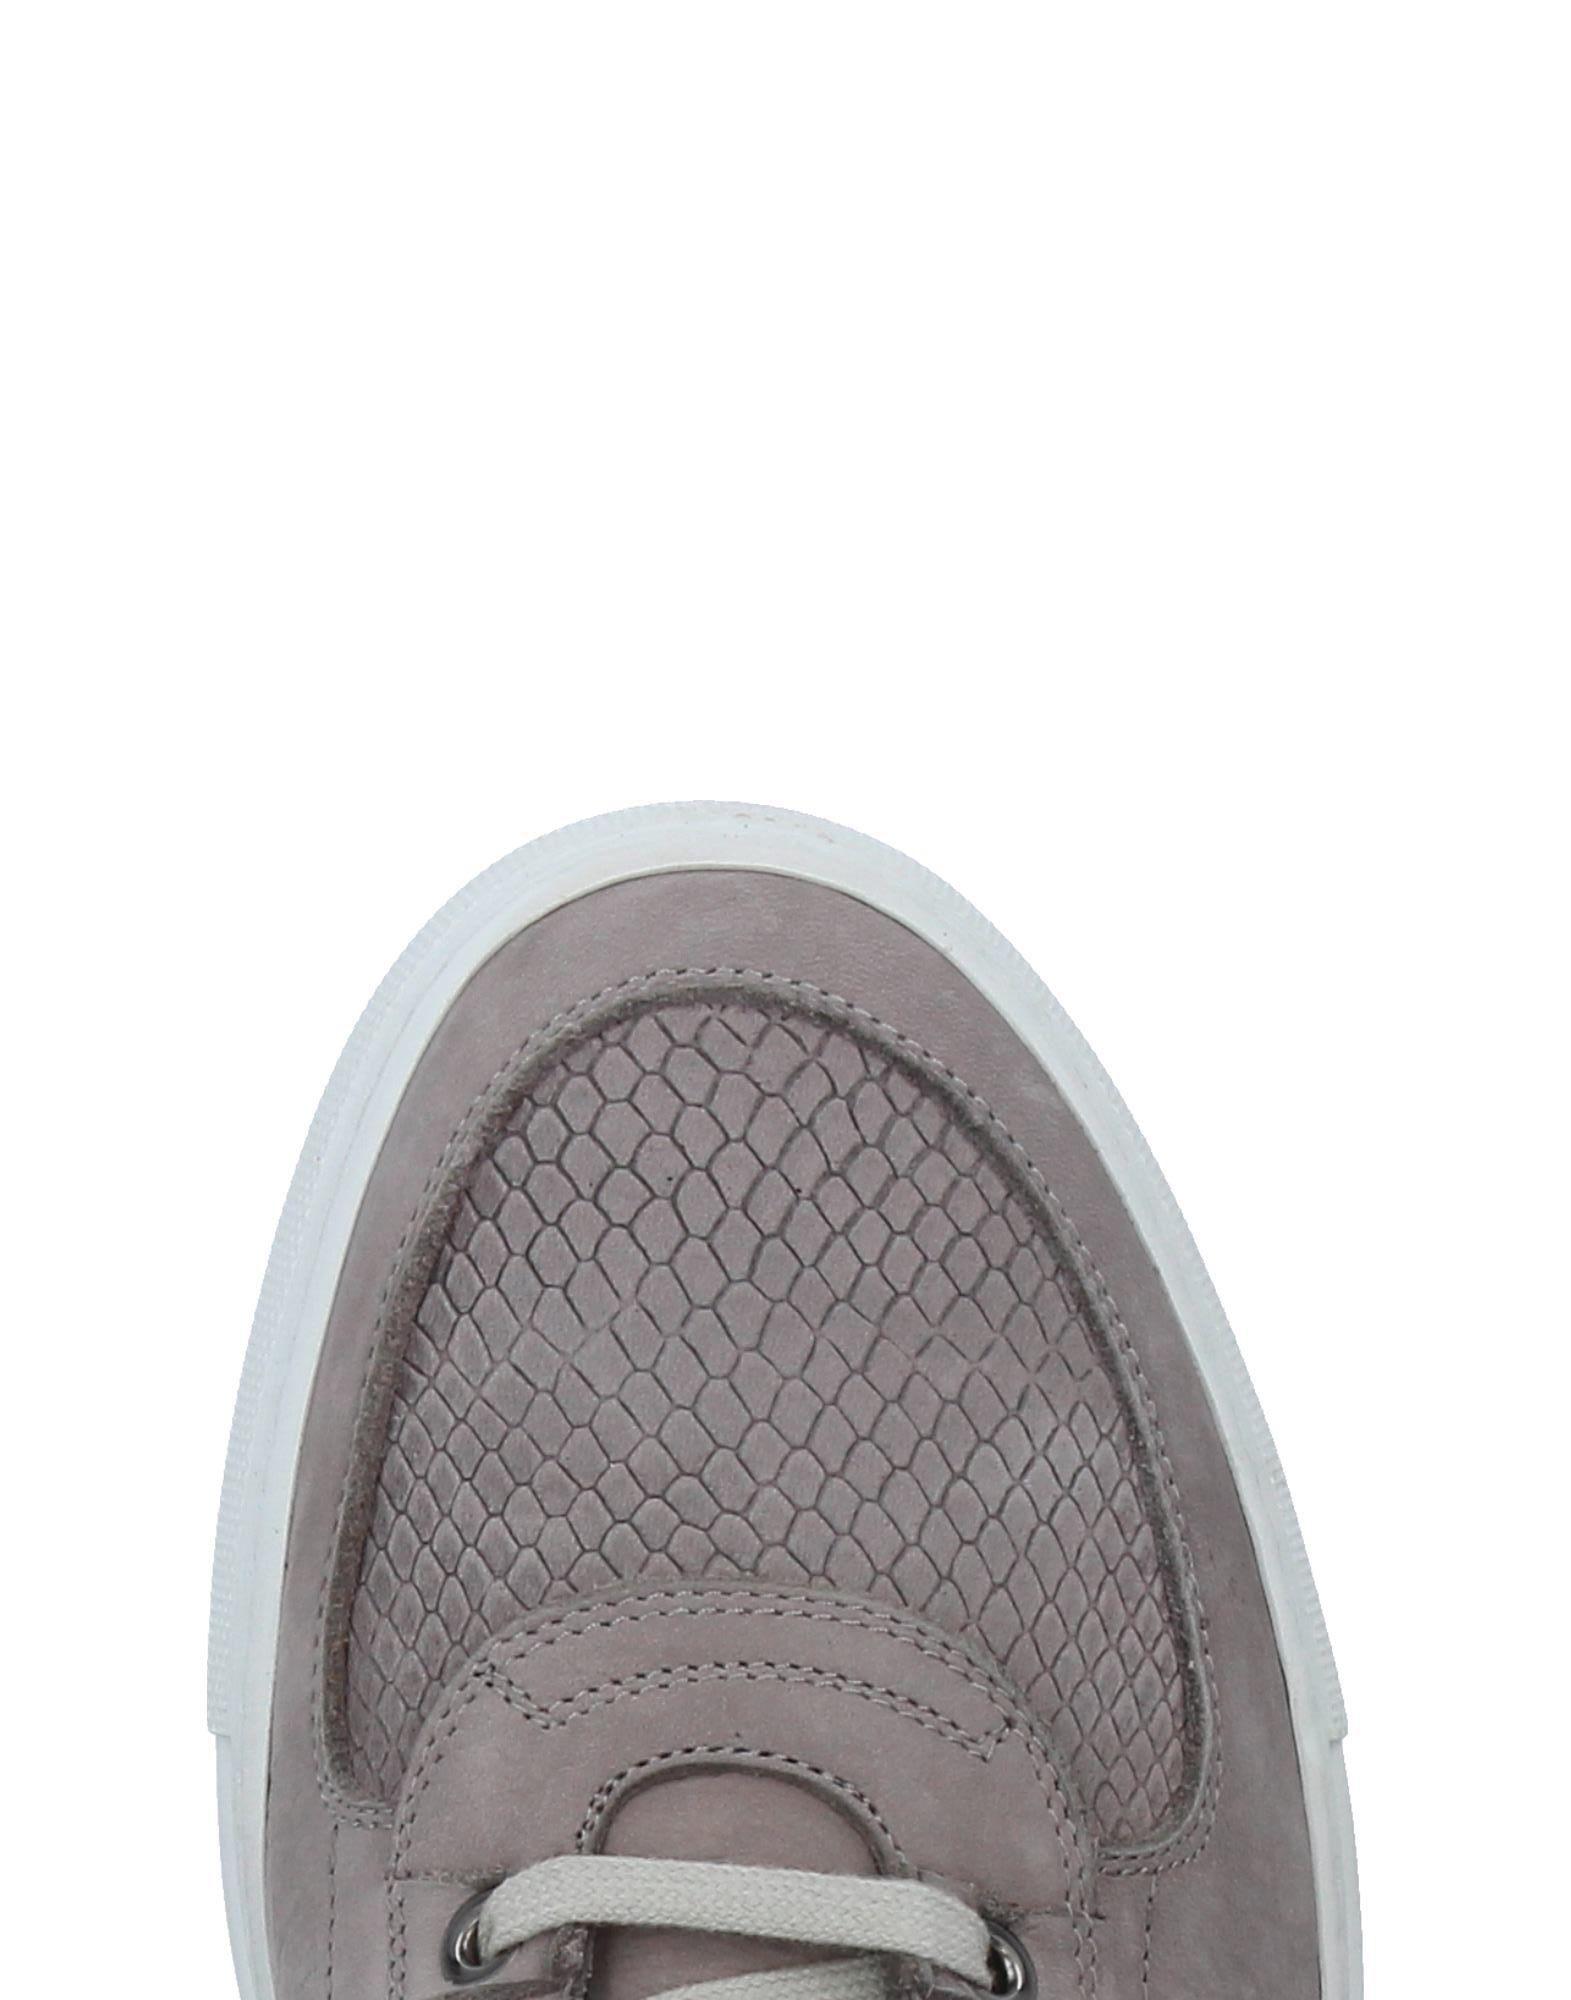 Rabatt echte Schuhe Fabiano Ricci Sneakers Herren  11374859HI